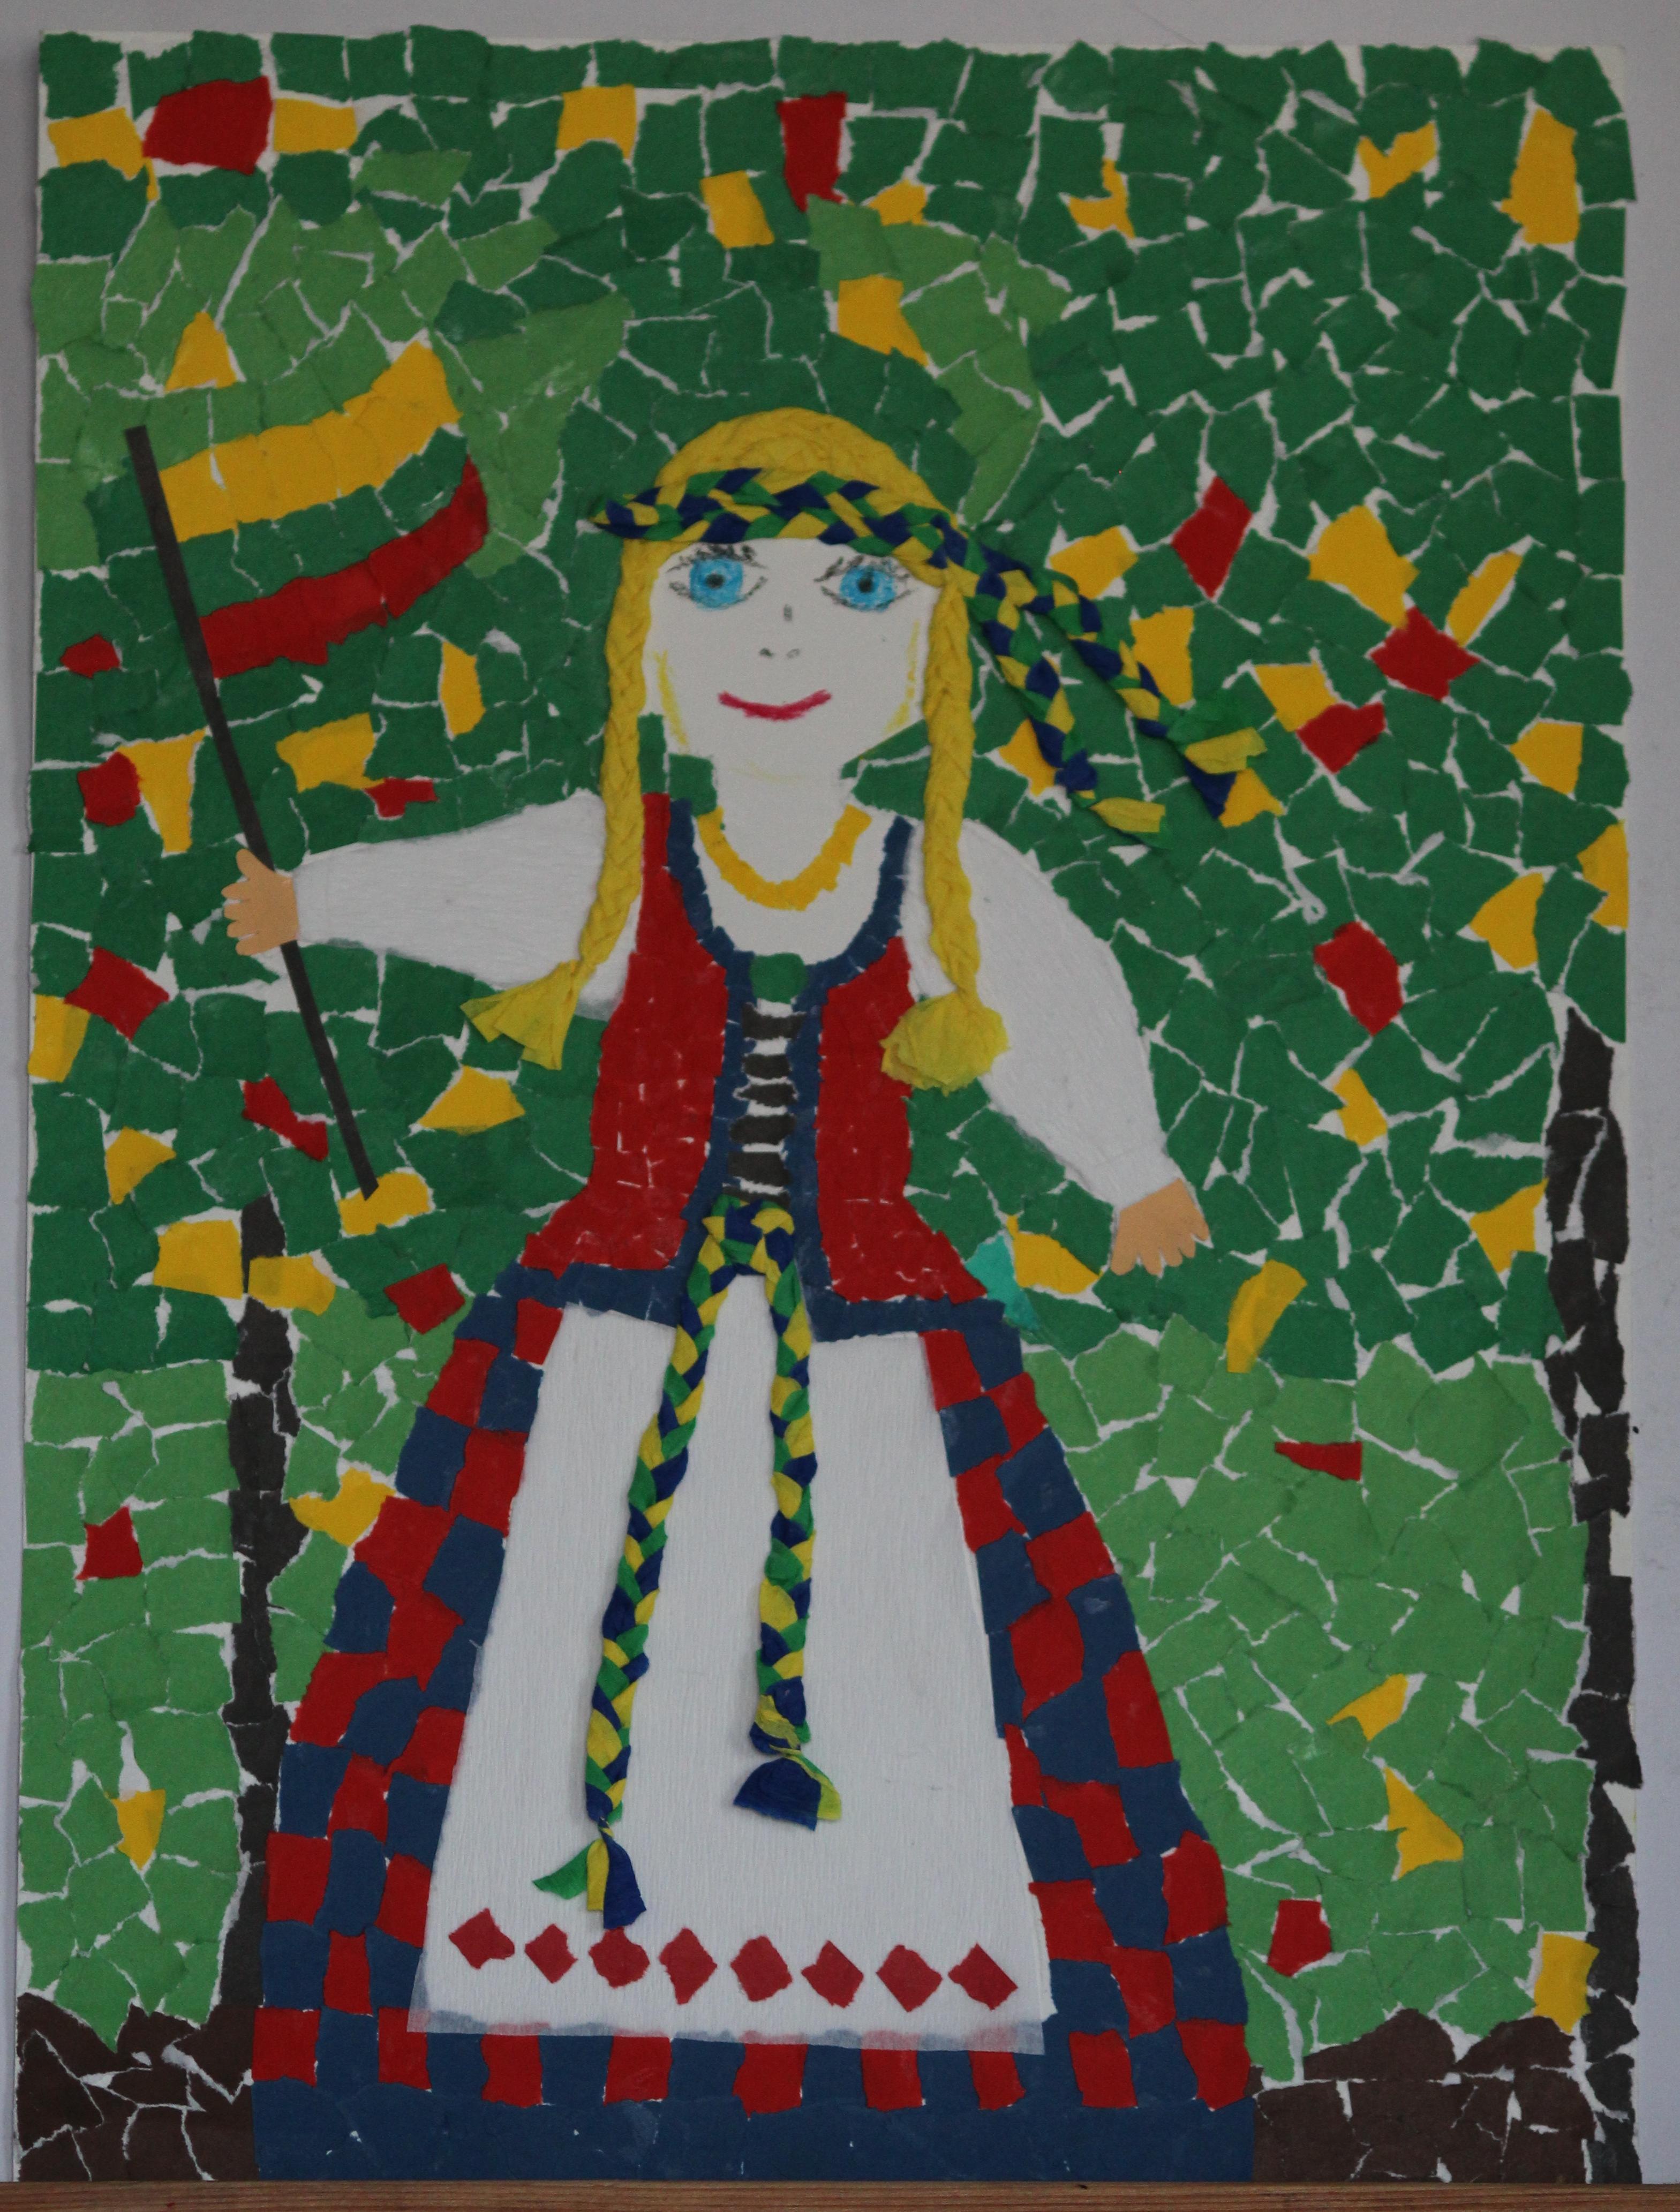 Amelija Sidorova, 6 metai, Klaipėda